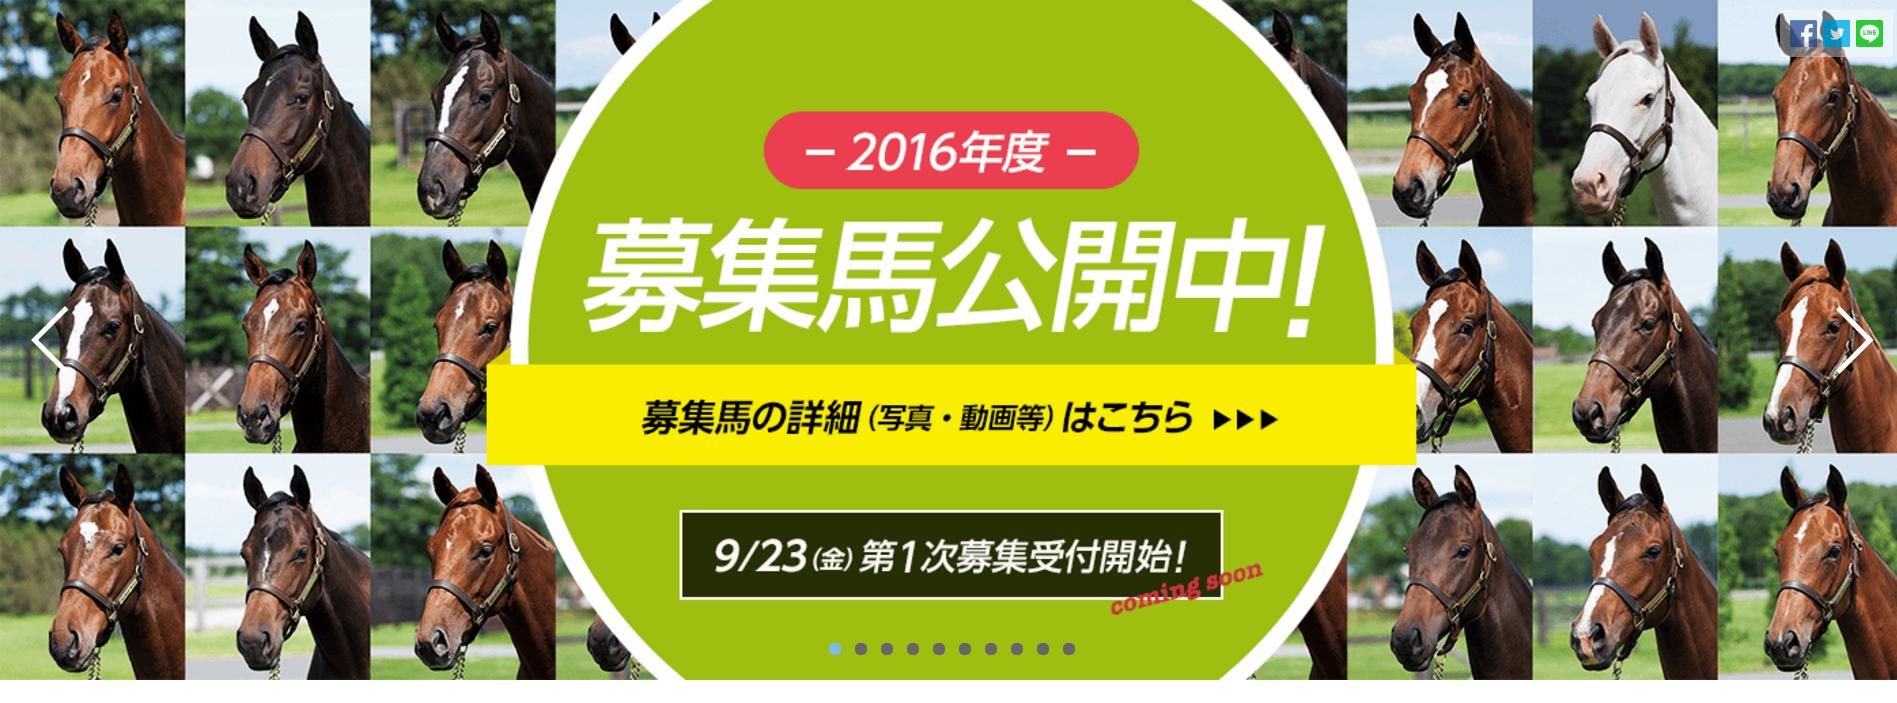 2016silkcatalogue_open.png